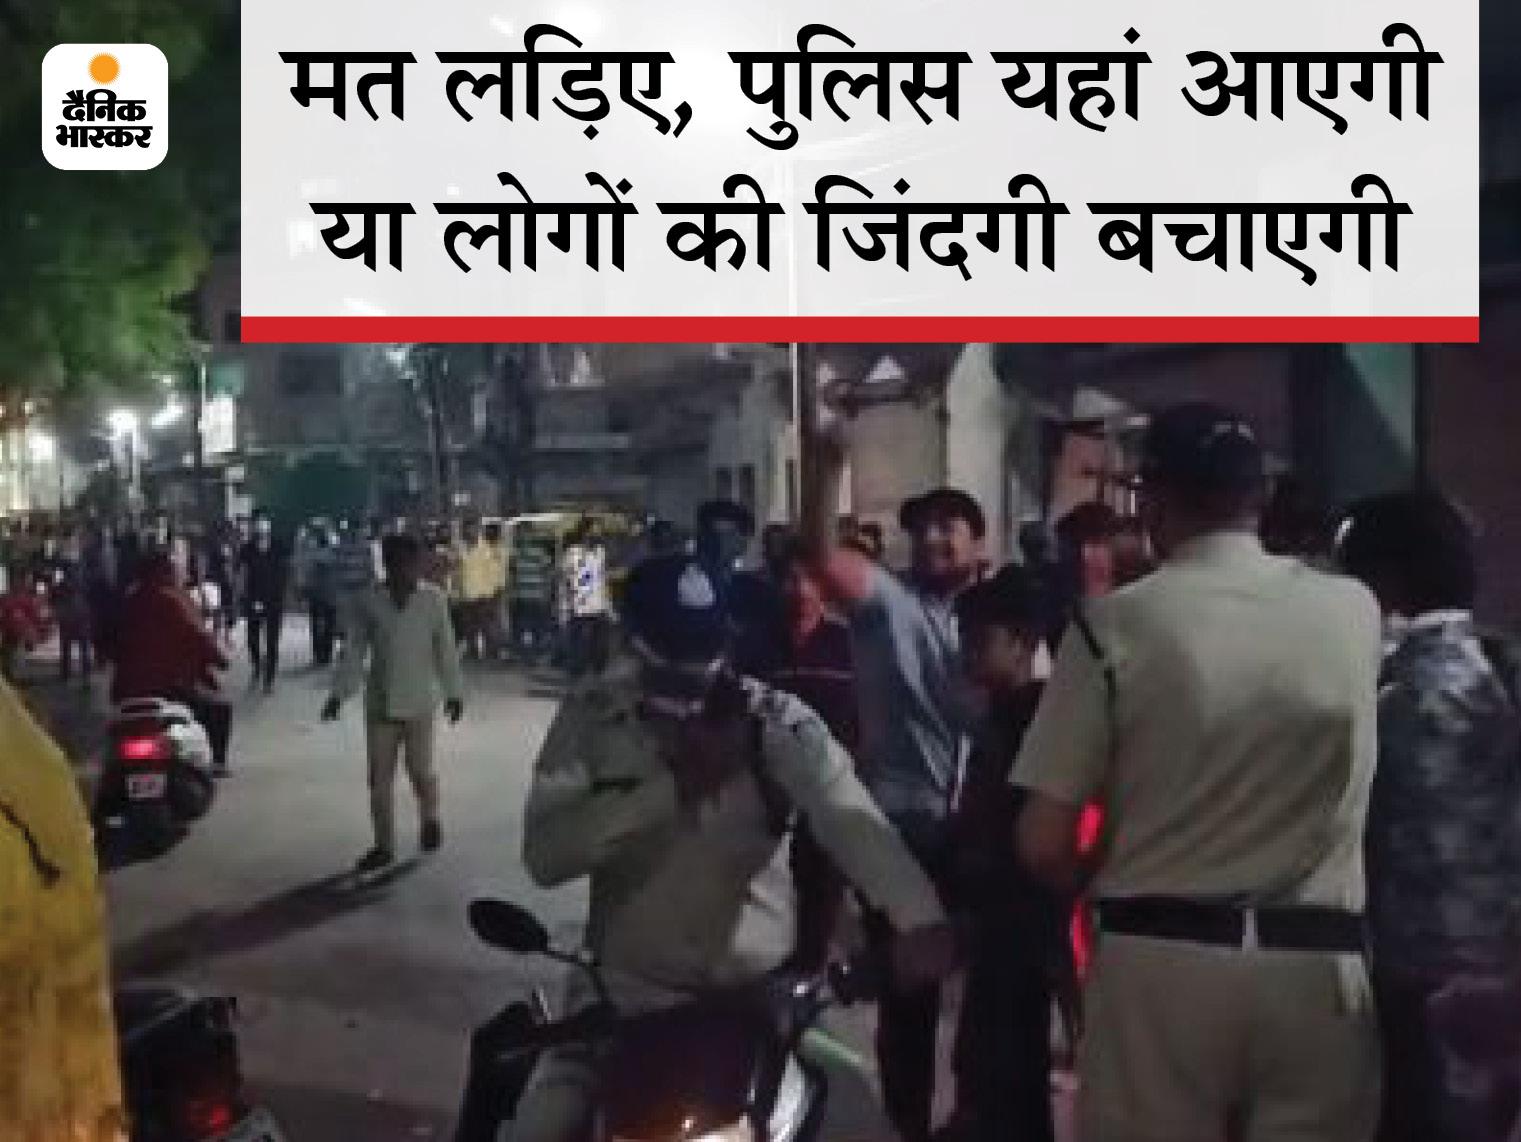 इंदौर में मामूली विवाद में जमकर मारपीट और पथराव; 8 थानों की फोर्स मौके पर पहुंची, पुलिस के वाहन समेत कई गाड़ियों में तोड़फोड़|मध्य प्रदेश,Madhya Pradesh - Dainik Bhaskar